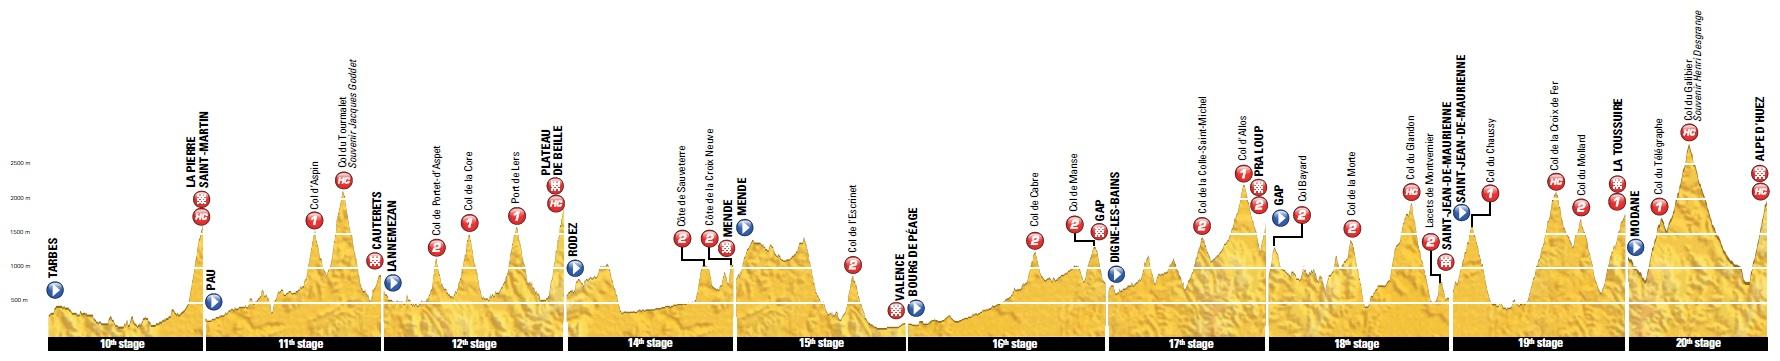 Höhenprofil Tour de France 2015, Bergetappen